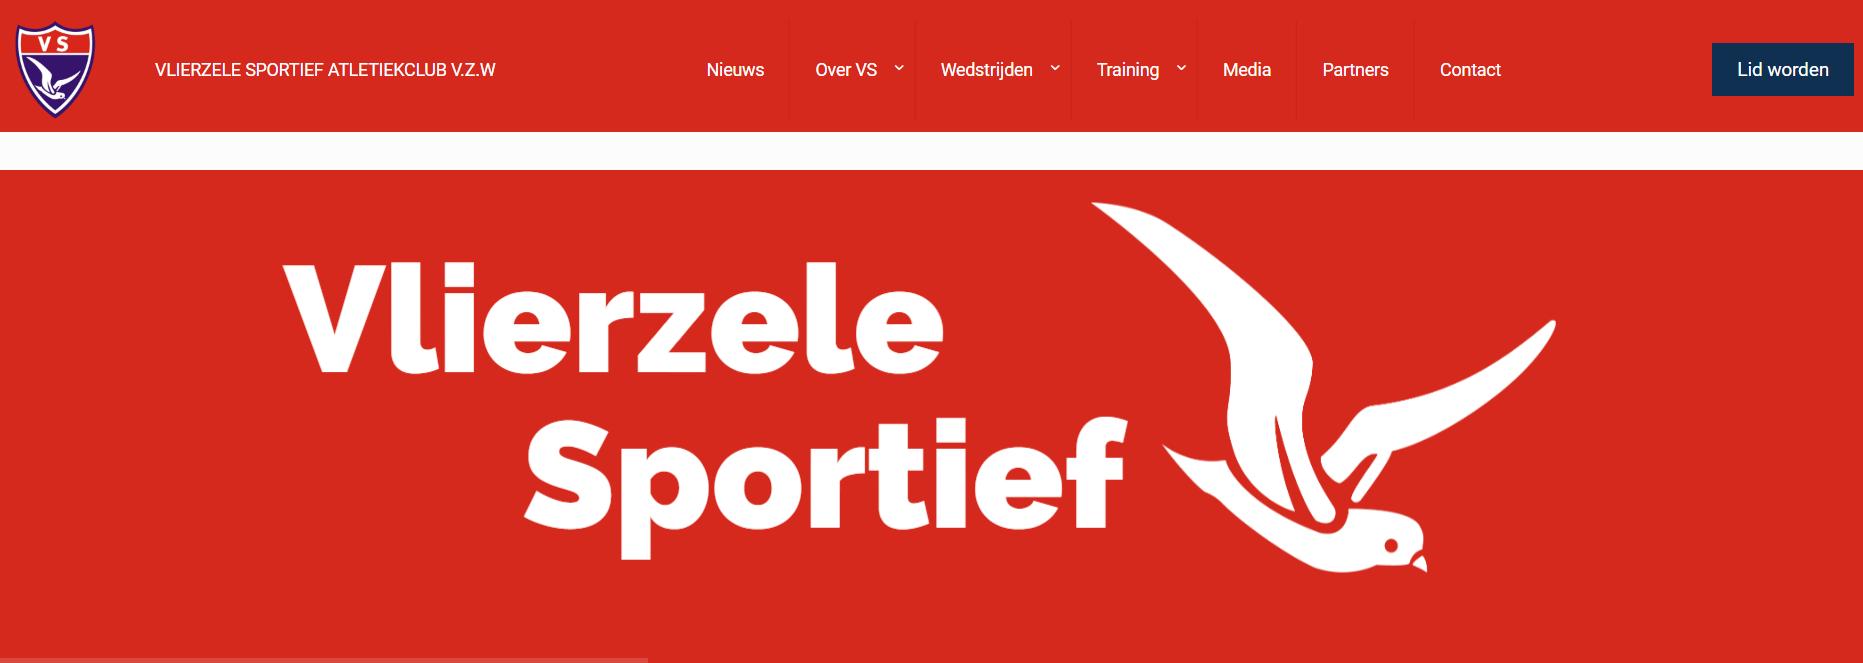 website2019